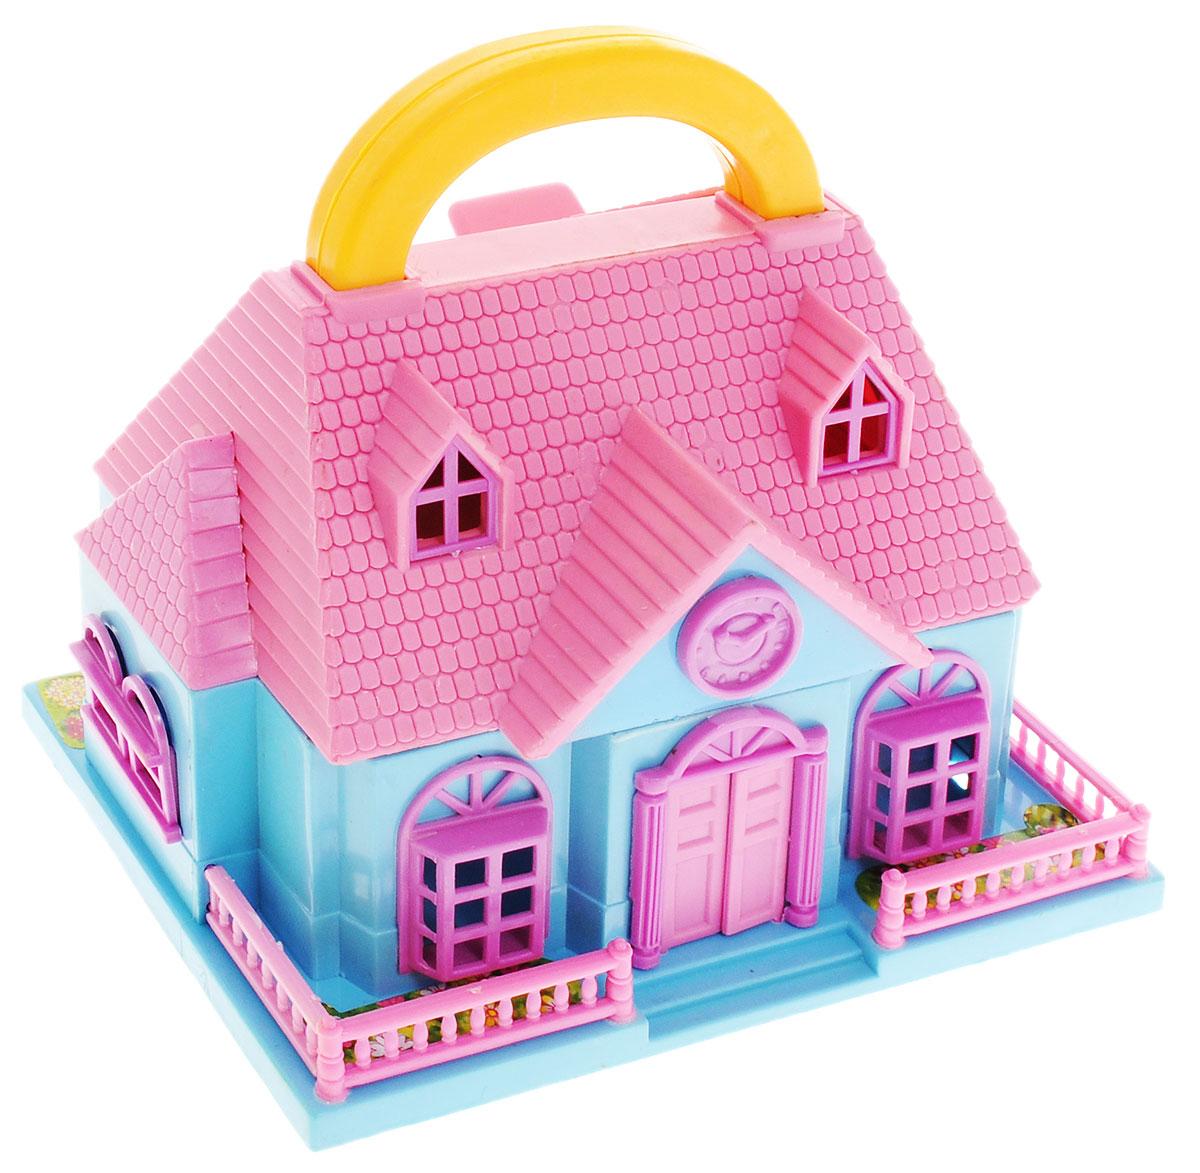 ABtoys Дом для кукол Школа цвет розовый голубойPT-00228_розовый, голубойШкола для кукол ABtoys с удобной ручкой для переноски просто необходима для веселой жизни куколок! Школа выполнена из прочного безопасного пластика. Дом имеет красивый фасад с часами, маленький заборчик и оснащен откидным балконом и садом. В наборе имеются две фигурки и множество аксессуаров, которыми можно обустроить школьный класс. Набор поможет детям представить себя в роли дизайнера, занимающегося обстановкой и декором помещения для любимой куколки, а также станет главным атрибутом для увлекательных сюжетно-ролевых игр. Такой набор непременно придется по душе вашему ребенку. Порадуйте свою принцессу таким замечательным подарком!